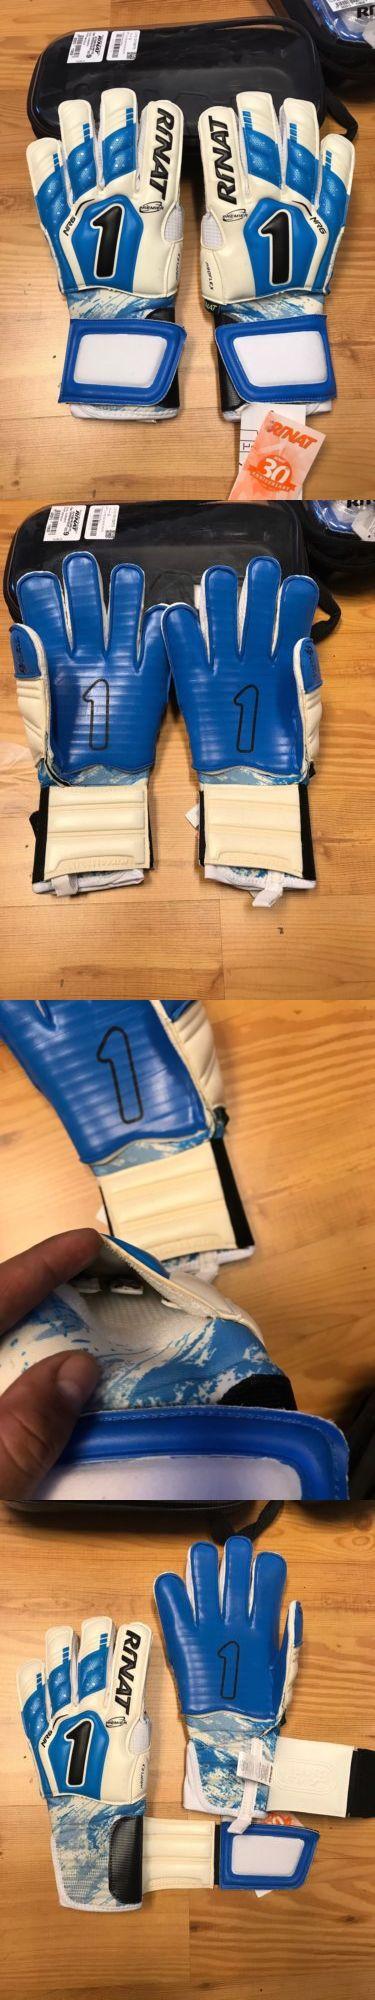 Gloves 57277: New Rinat Uno Premier Pro Nrg Spine Goalie Soccer Glove Sz 10, Goalkeeper, -> BUY IT NOW ONLY: $75 on eBay!